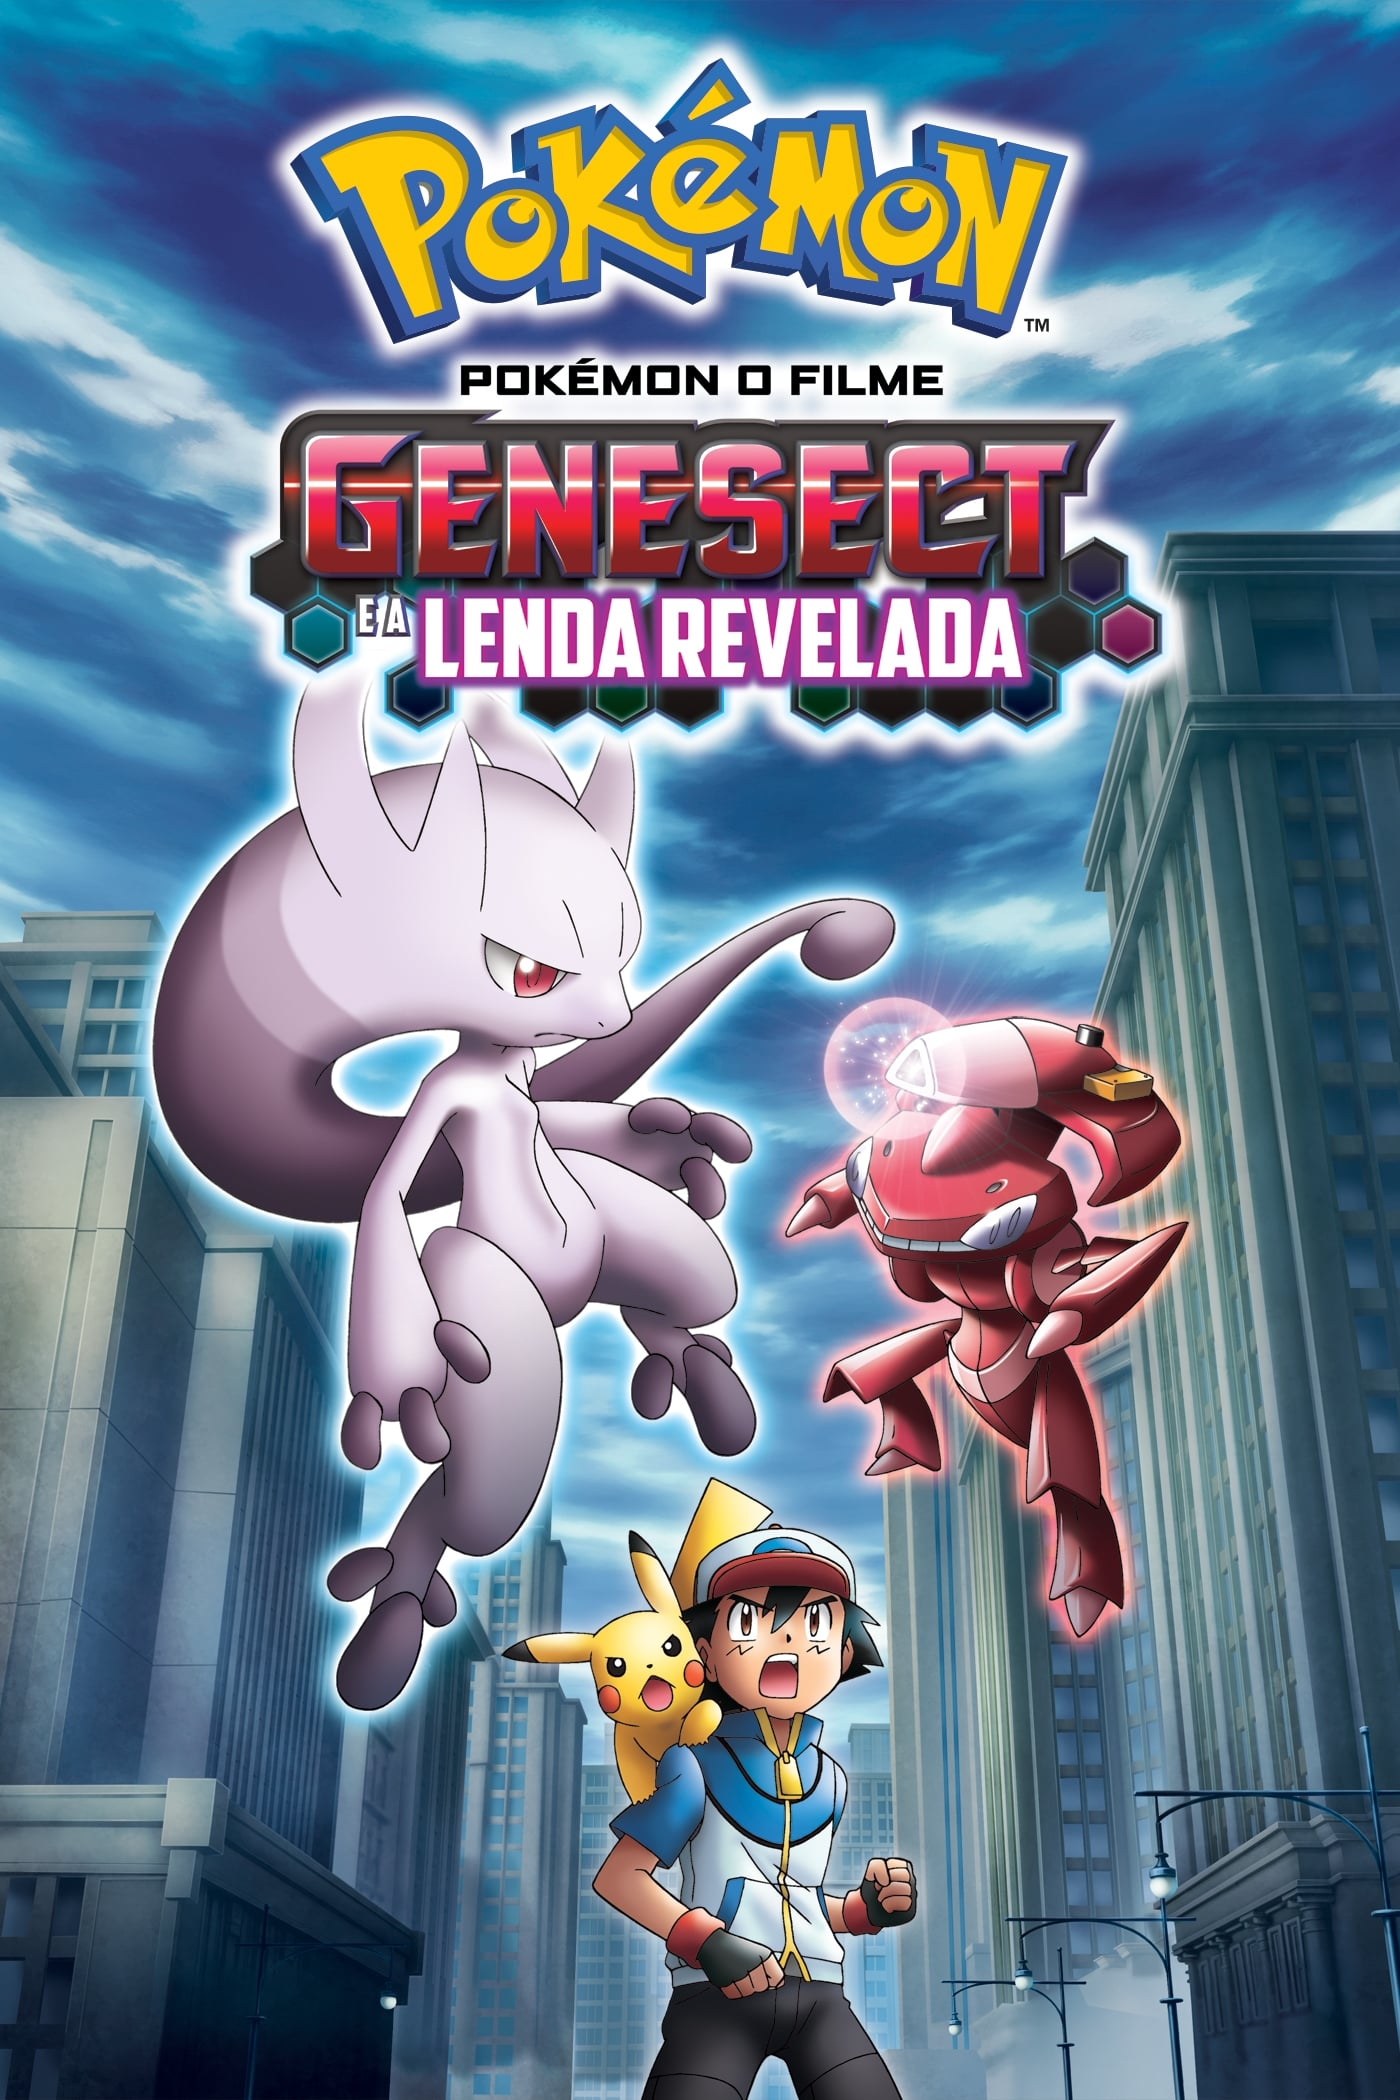 Pokémon O Filme – Genesect e a Lenda Revelada (2014) Bluray 720p Dublado Torrent